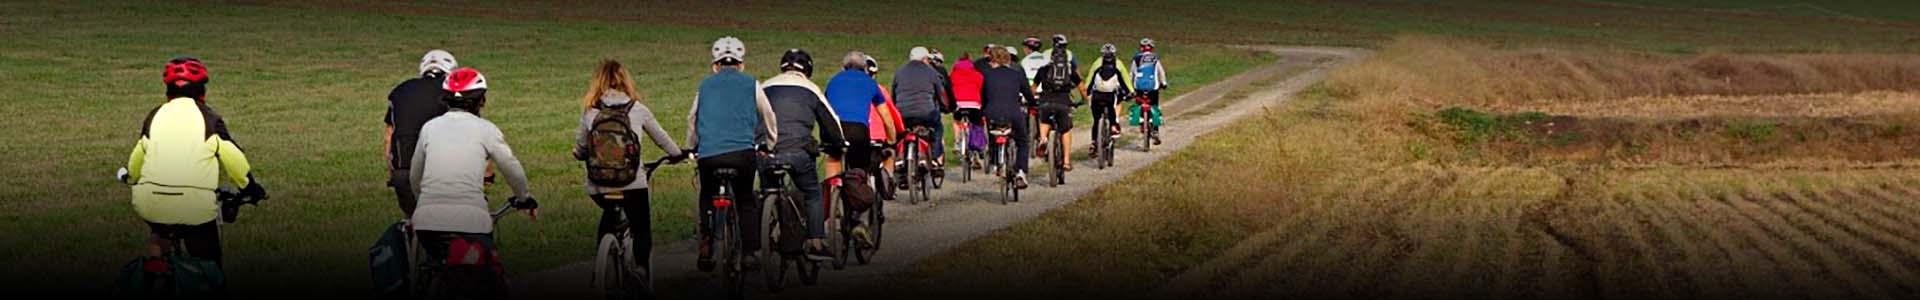 Siamo la maggiore associazione di ciclisti in Piemonte